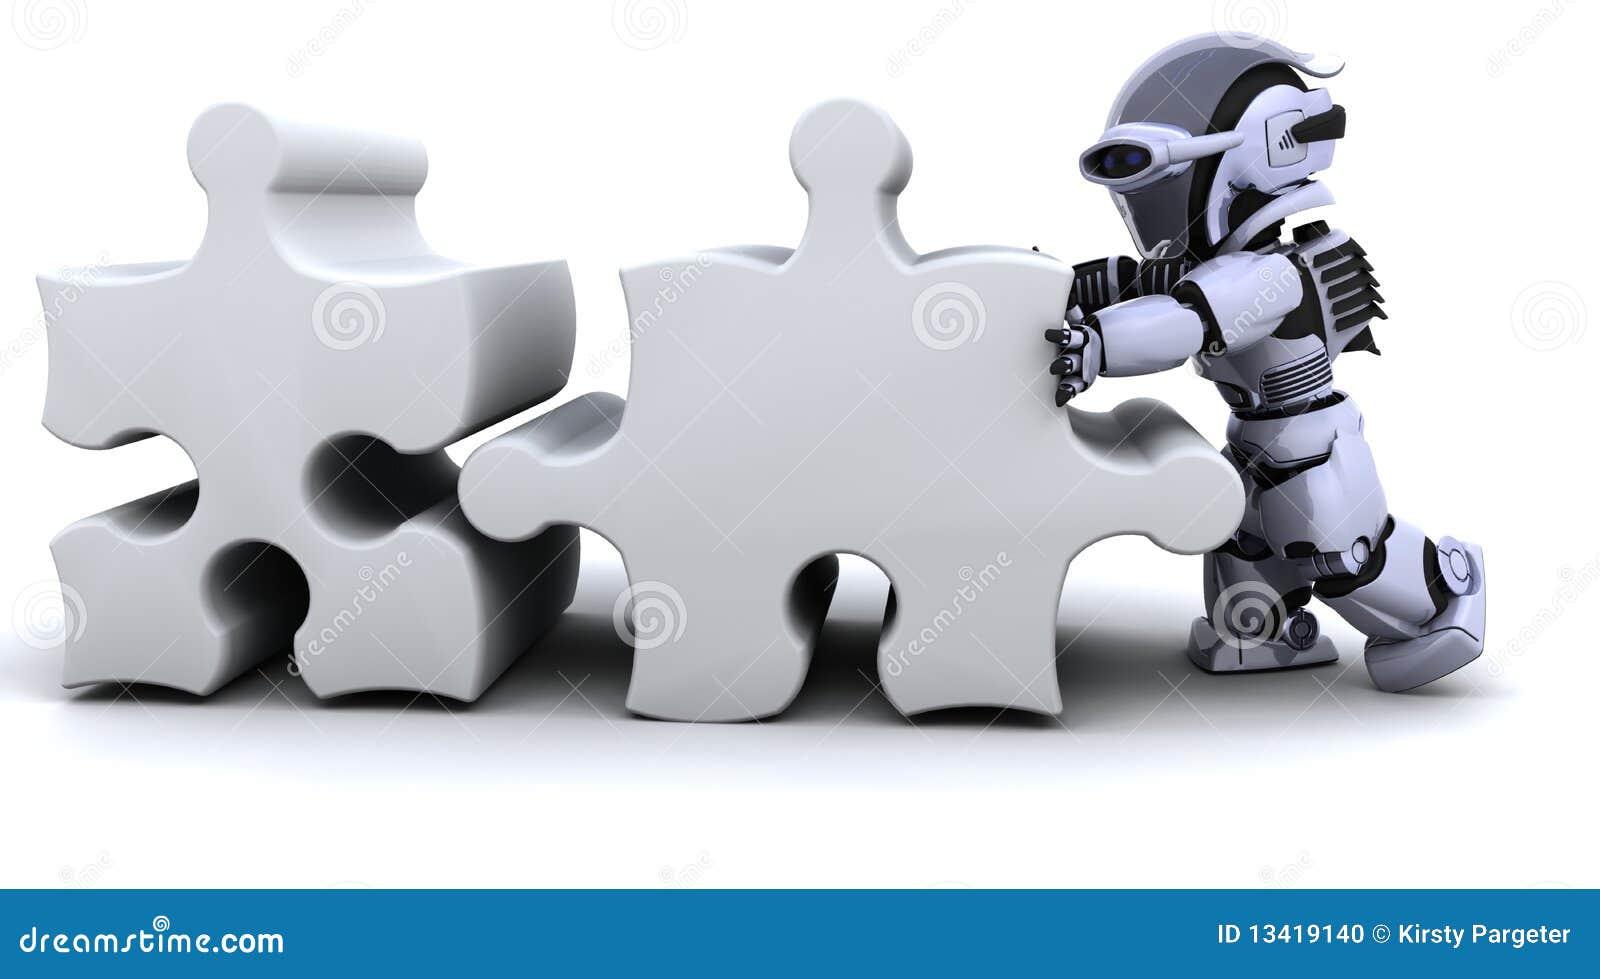 Robot die puzzel oplost